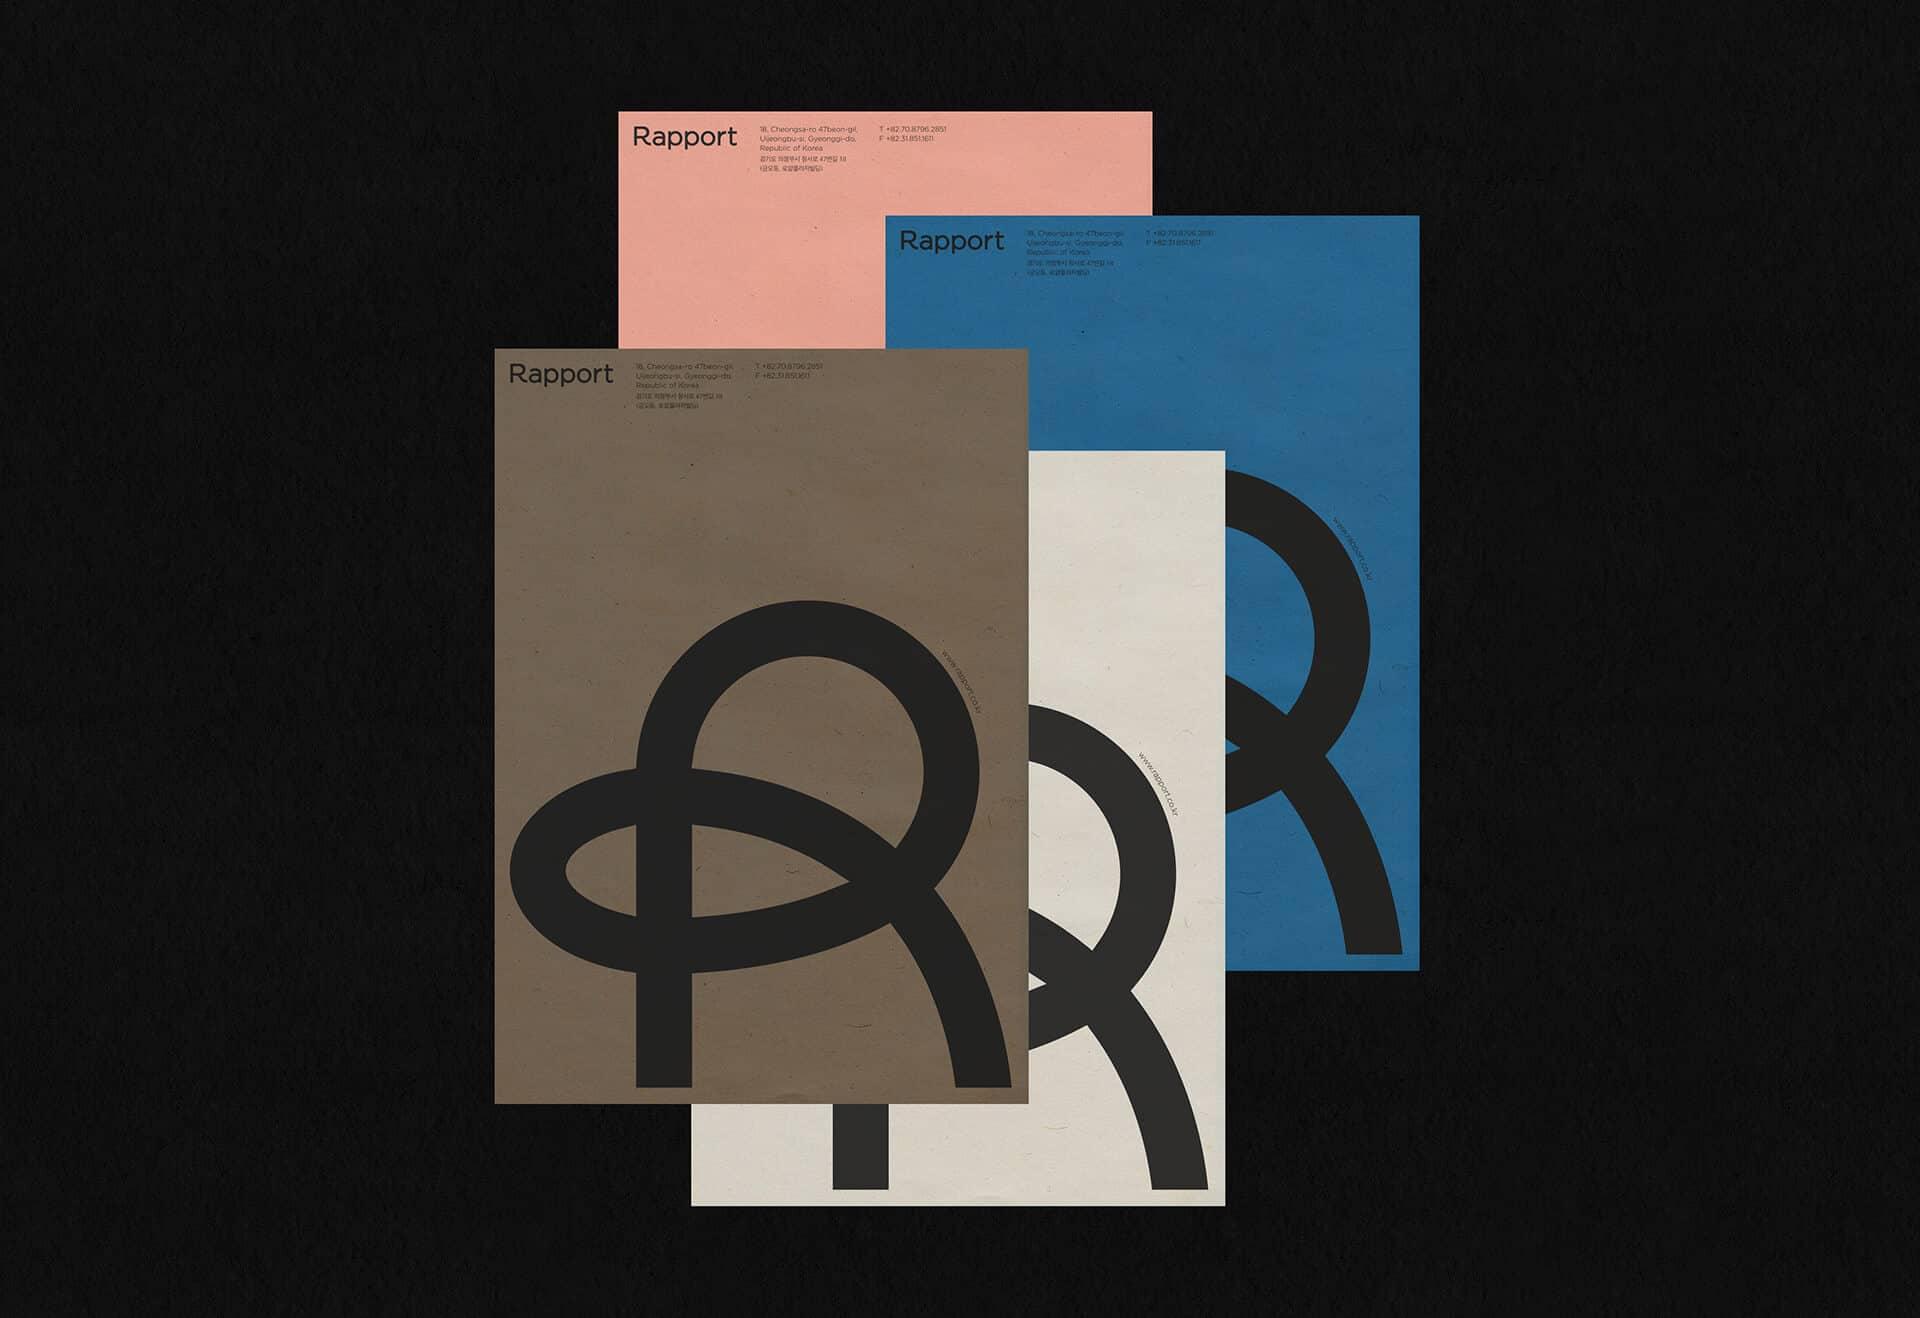 優雅創意的LOGO商標標誌設計